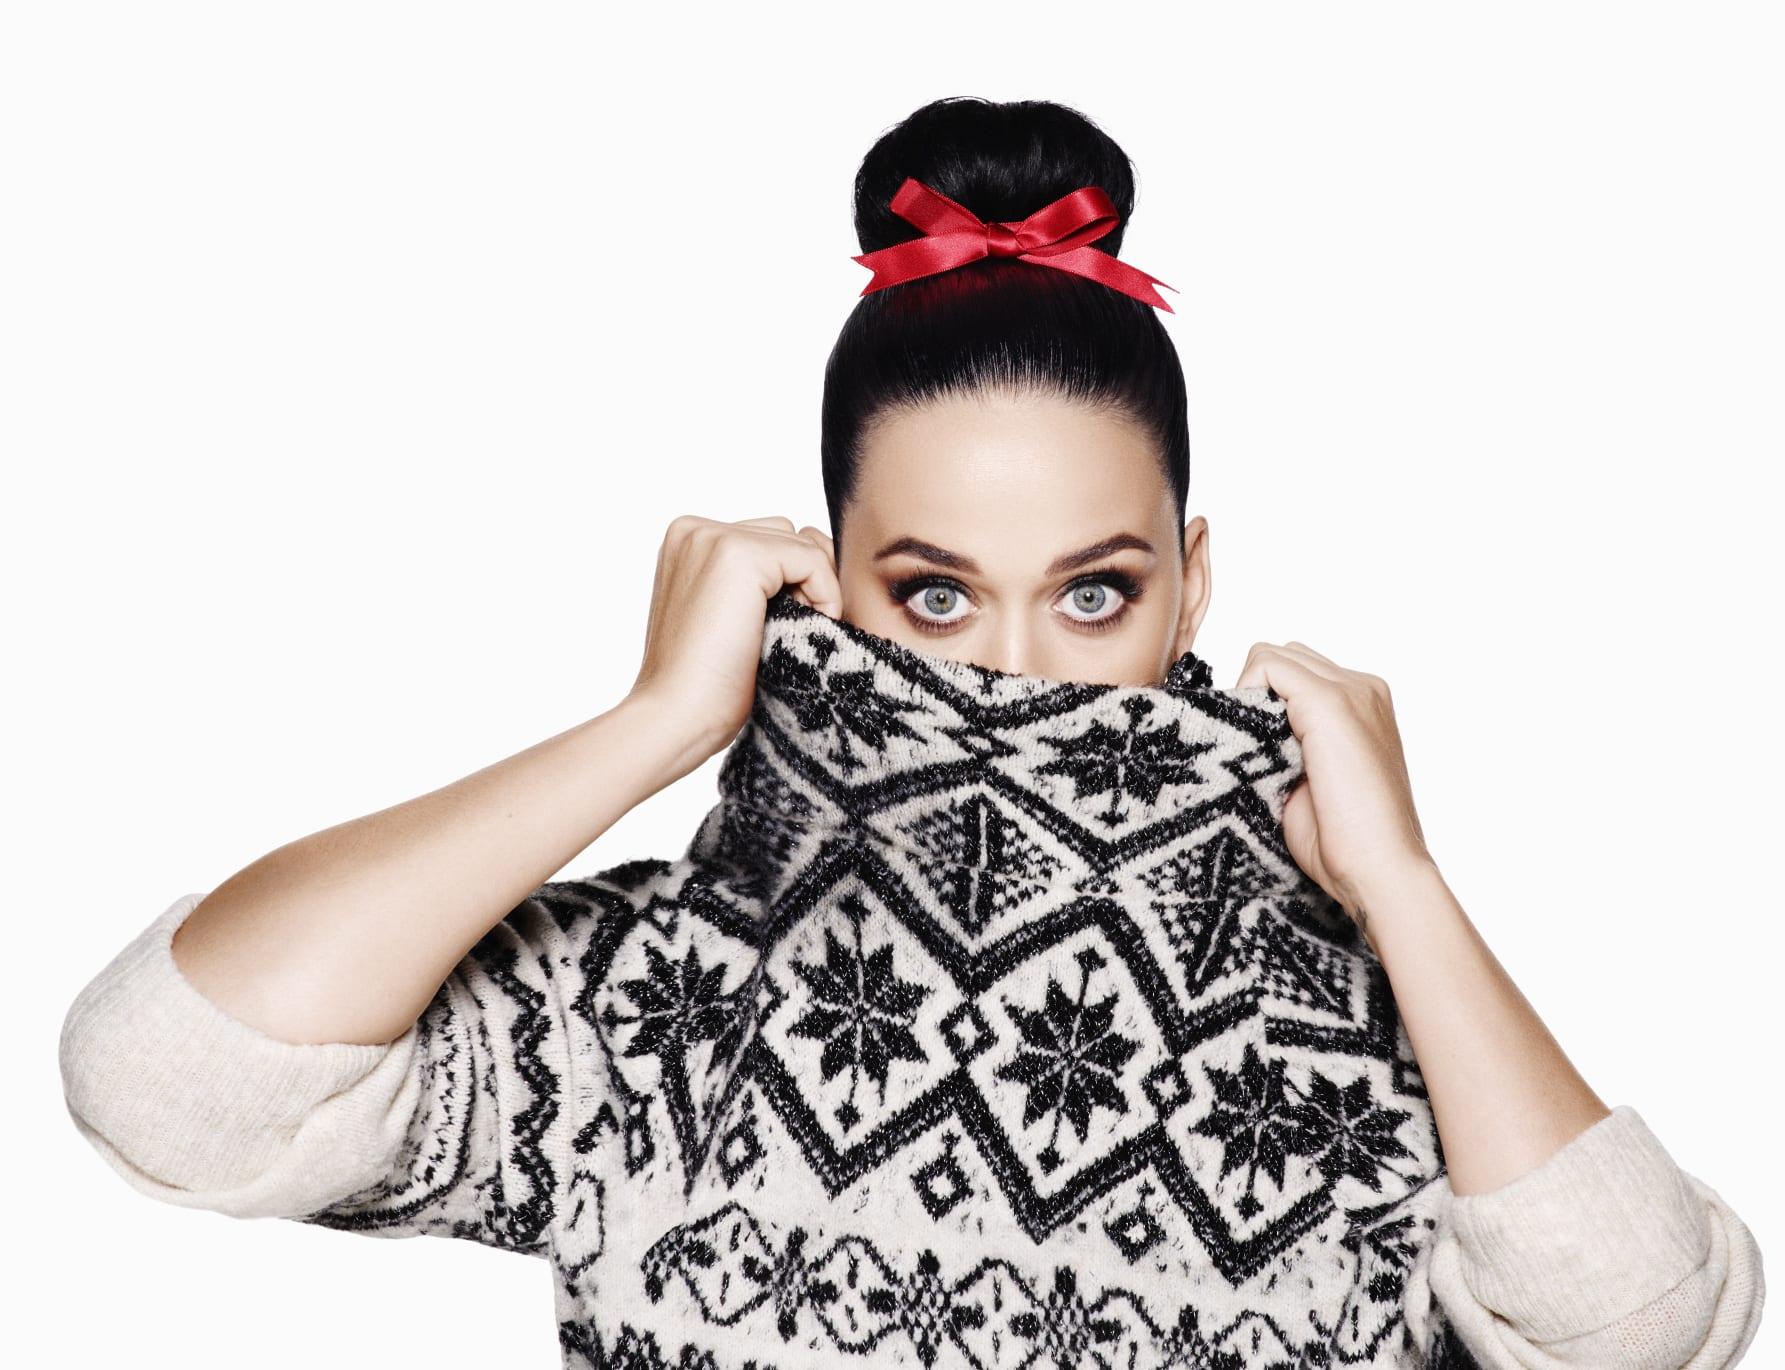 H&M la collezione Natale 2015 con Katy Perry: foto, catalogo e video